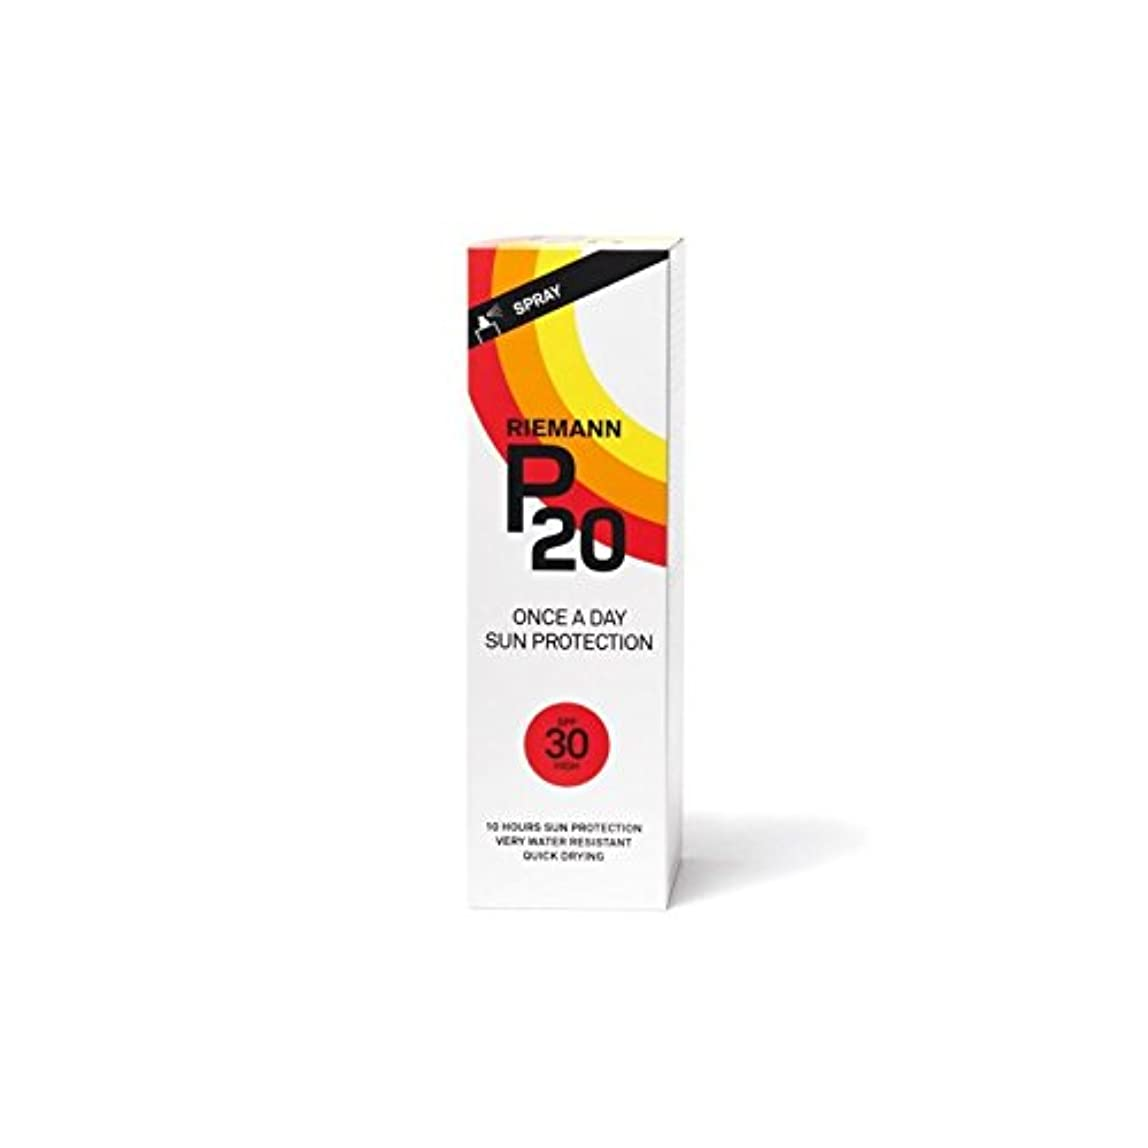 労働バナナアレンジリーマン20のサンフィルター100ミリリットル30 x2 - Riemann P20 Sun Filter 100ml SPF30 (Pack of 2) [並行輸入品]